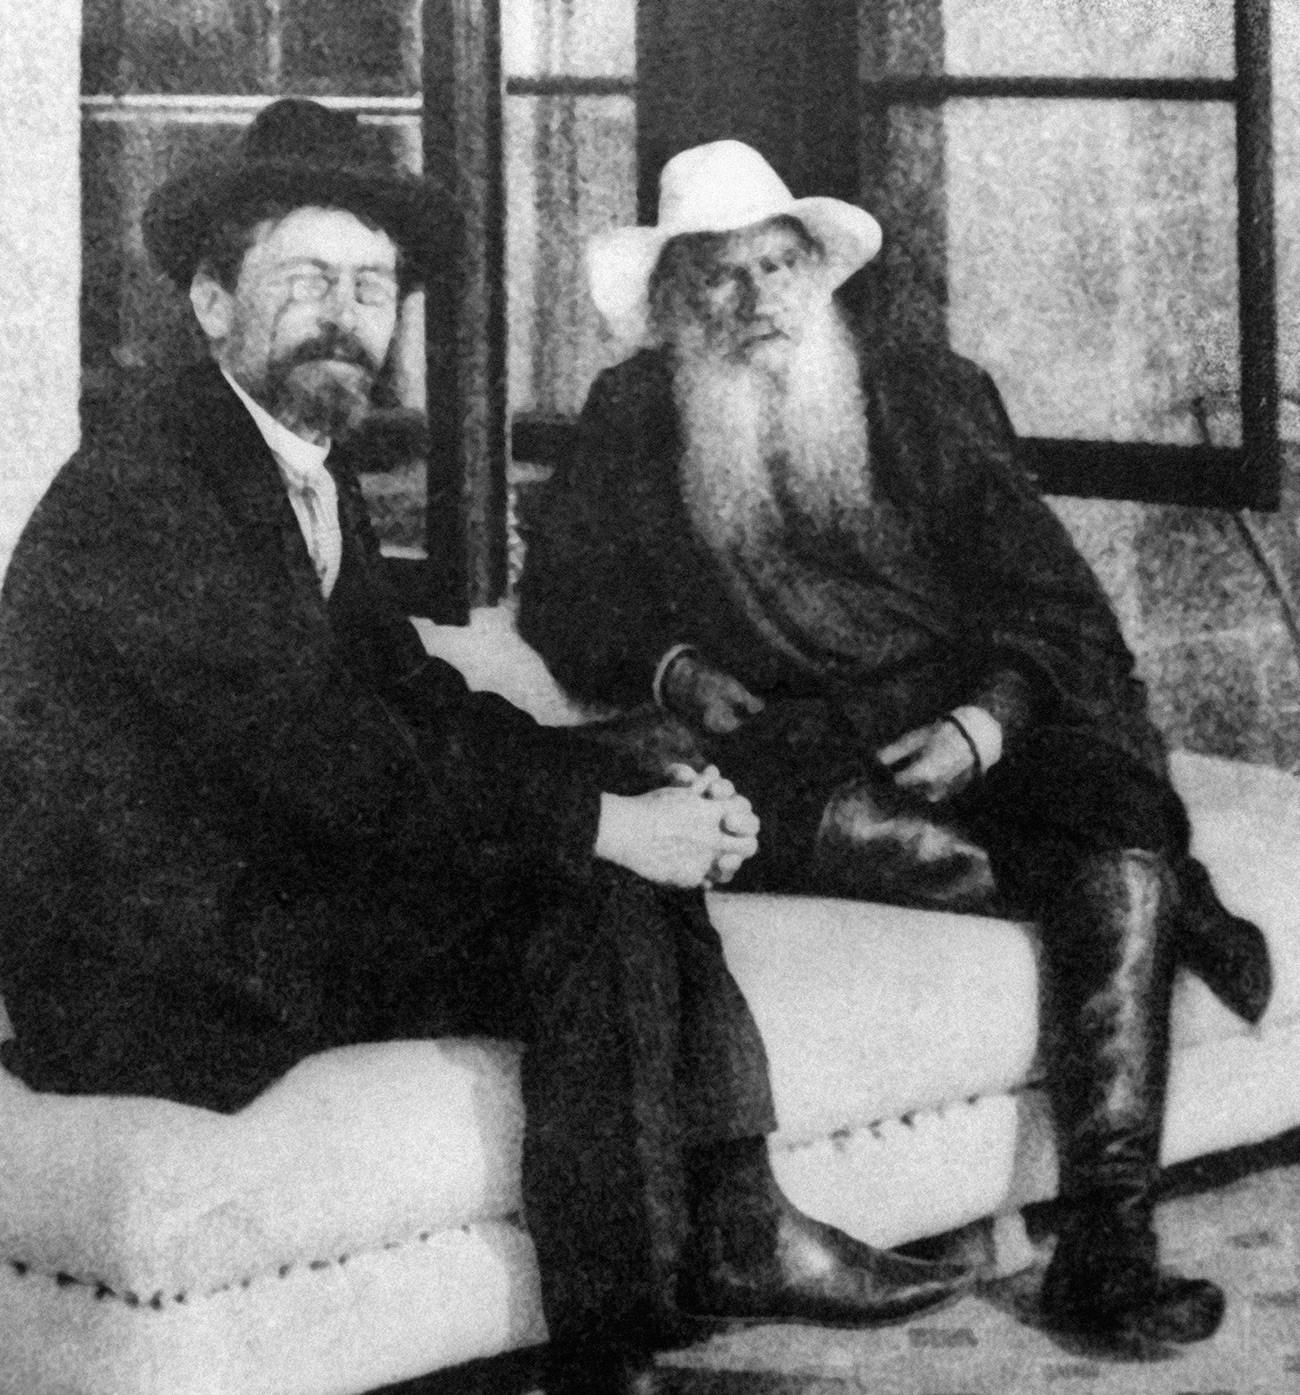 アントン・チェーホフとレフ・トルストイ、クリミア